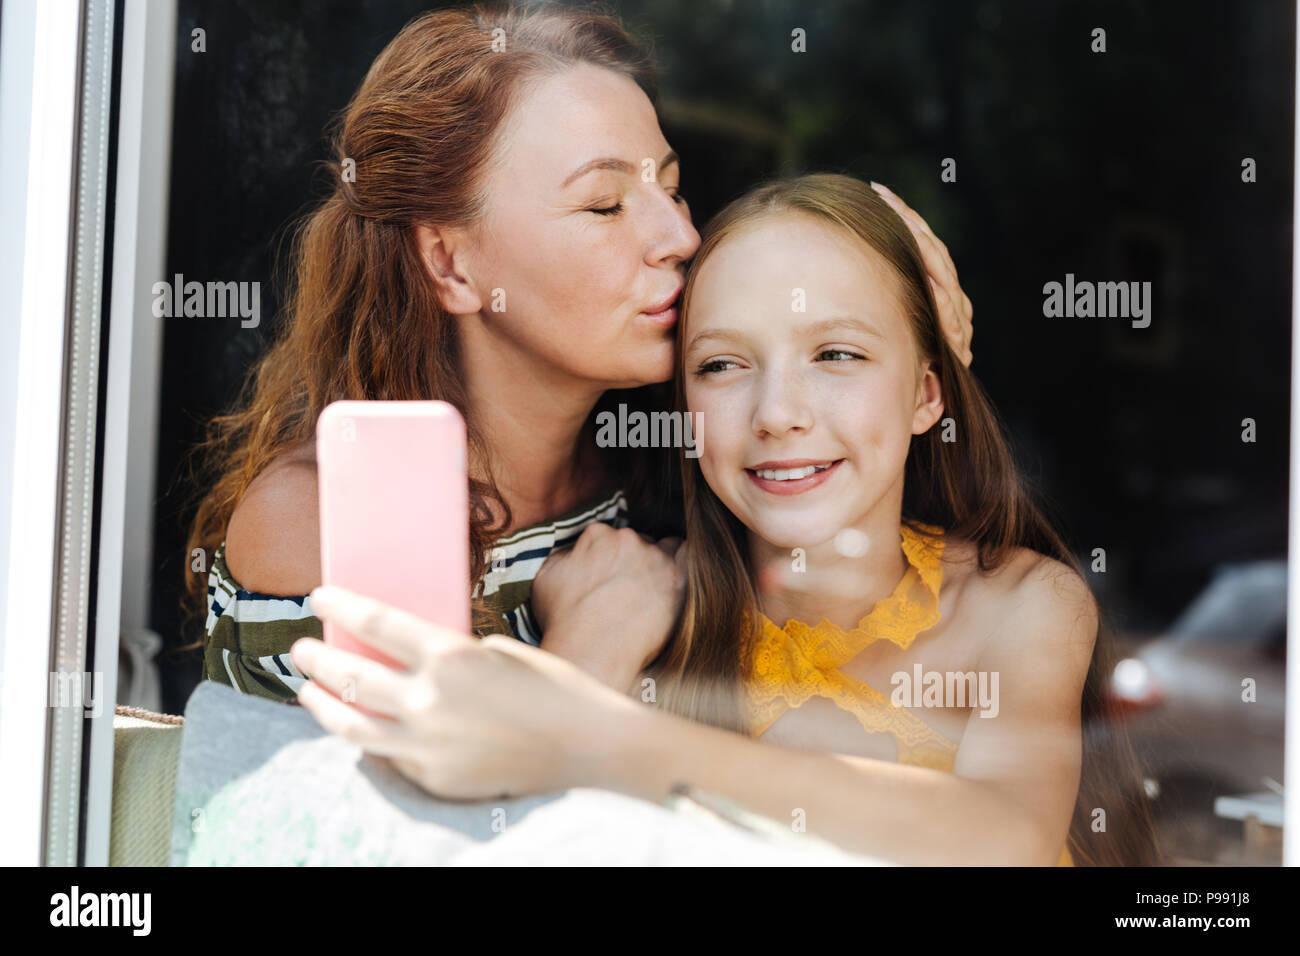 Amorevole Madre bella baciando la sua amorevole figlia Immagini Stock